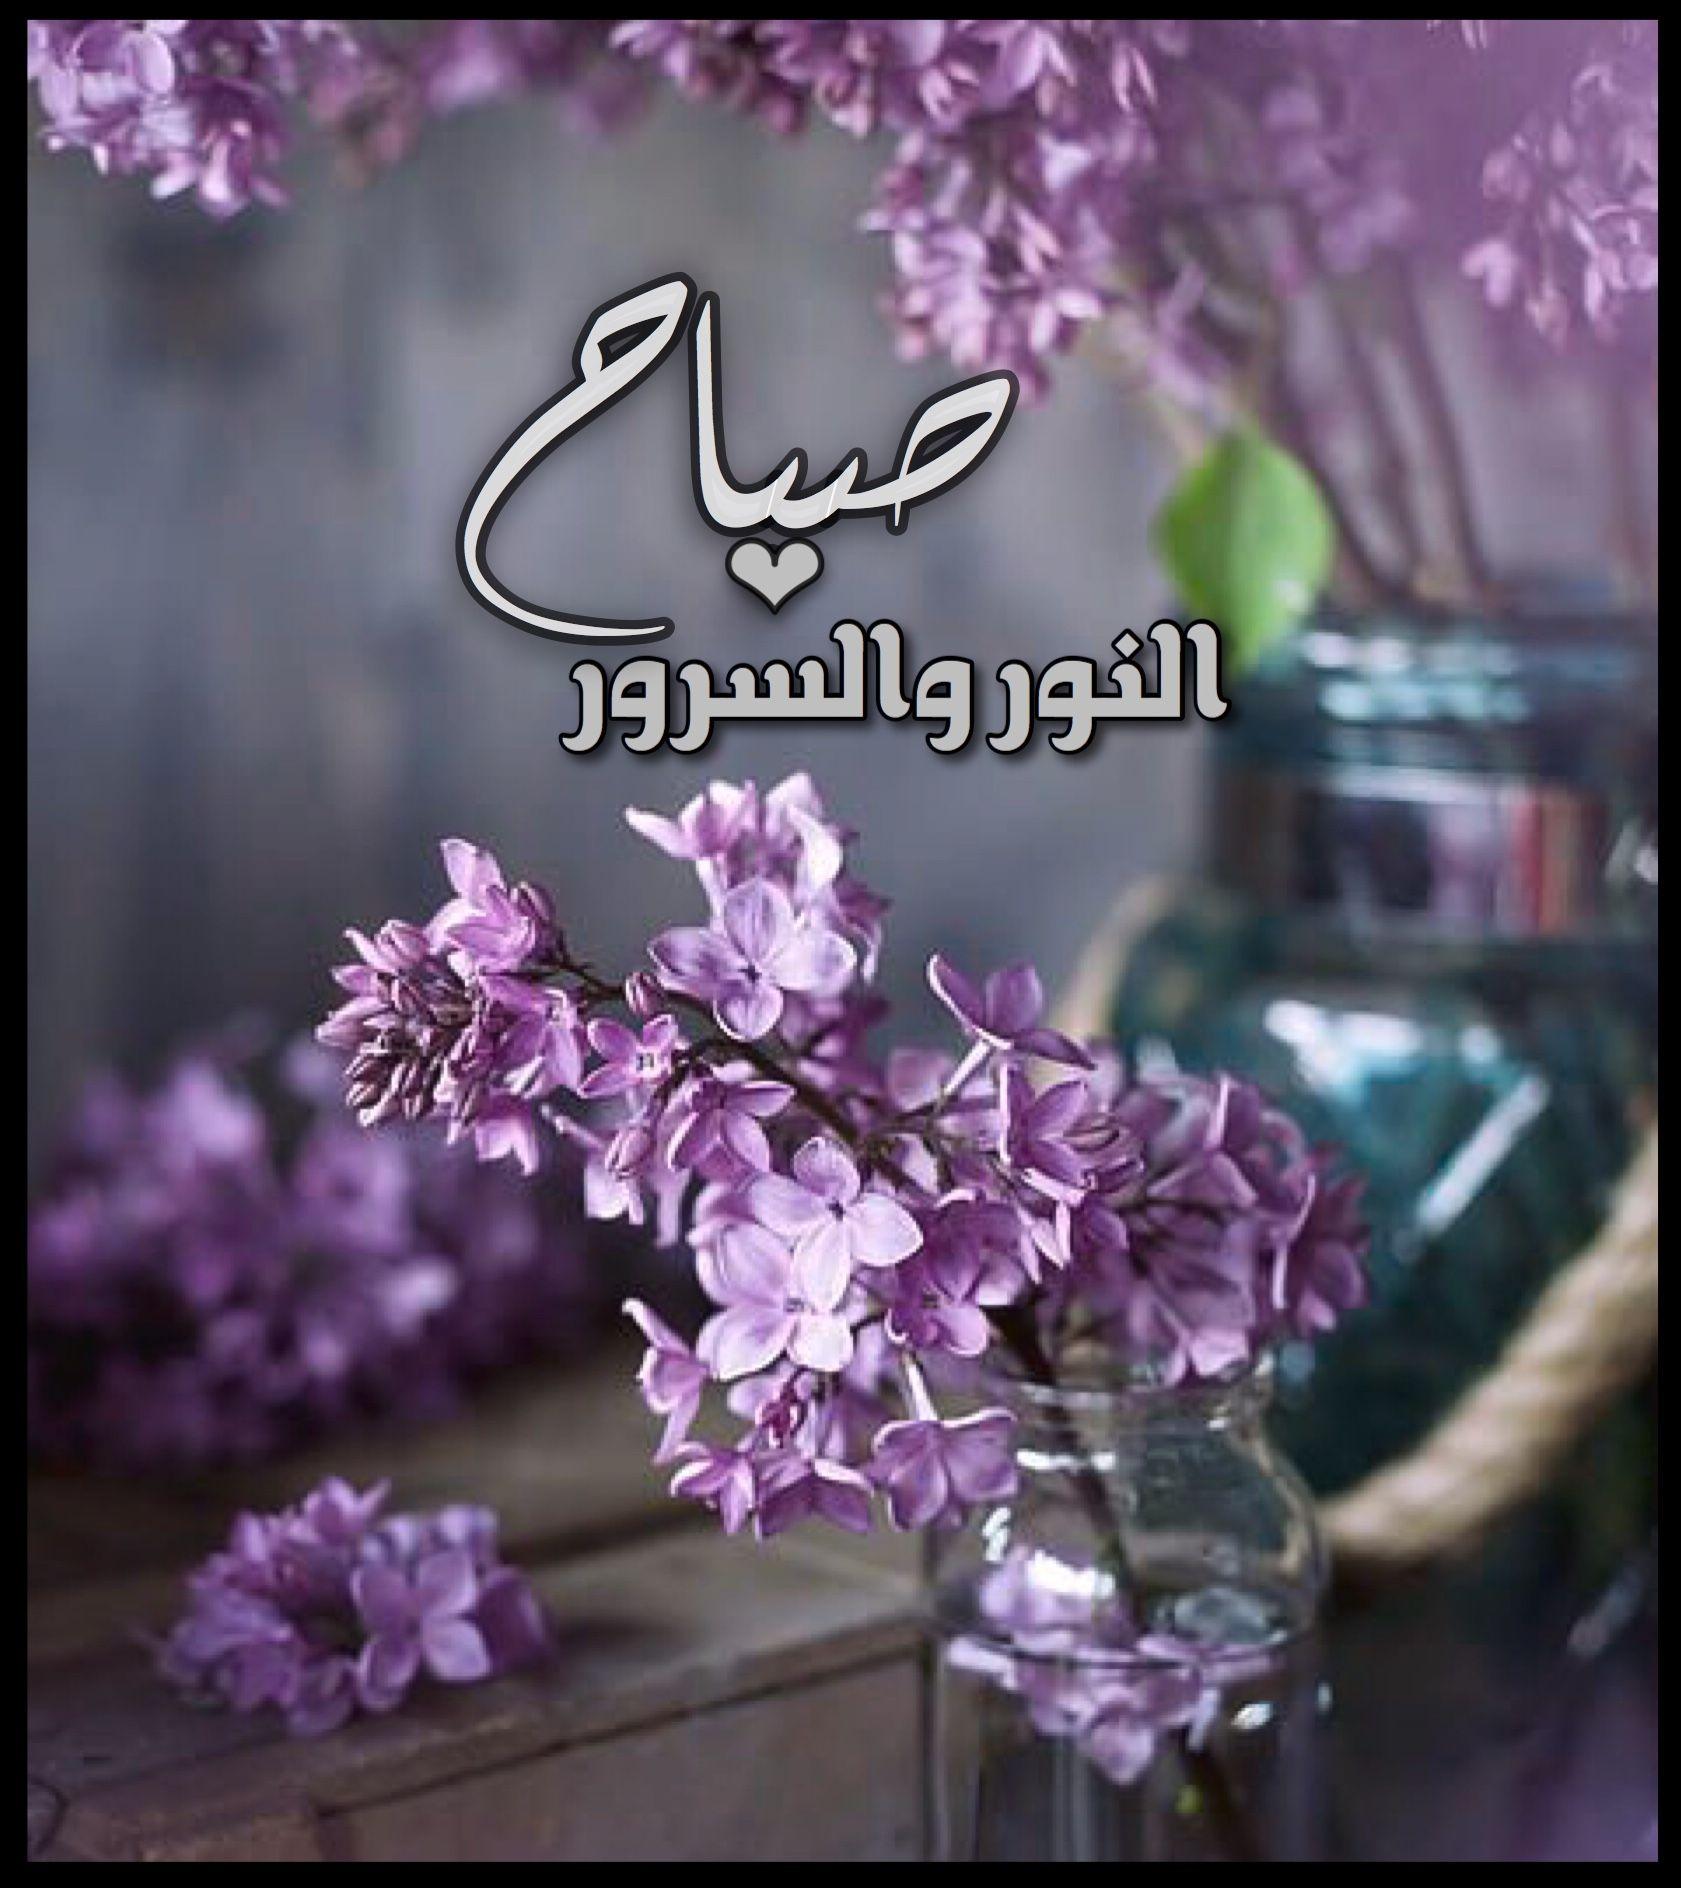 صباح الخير Morning Greeting Morning Images Morning Wish